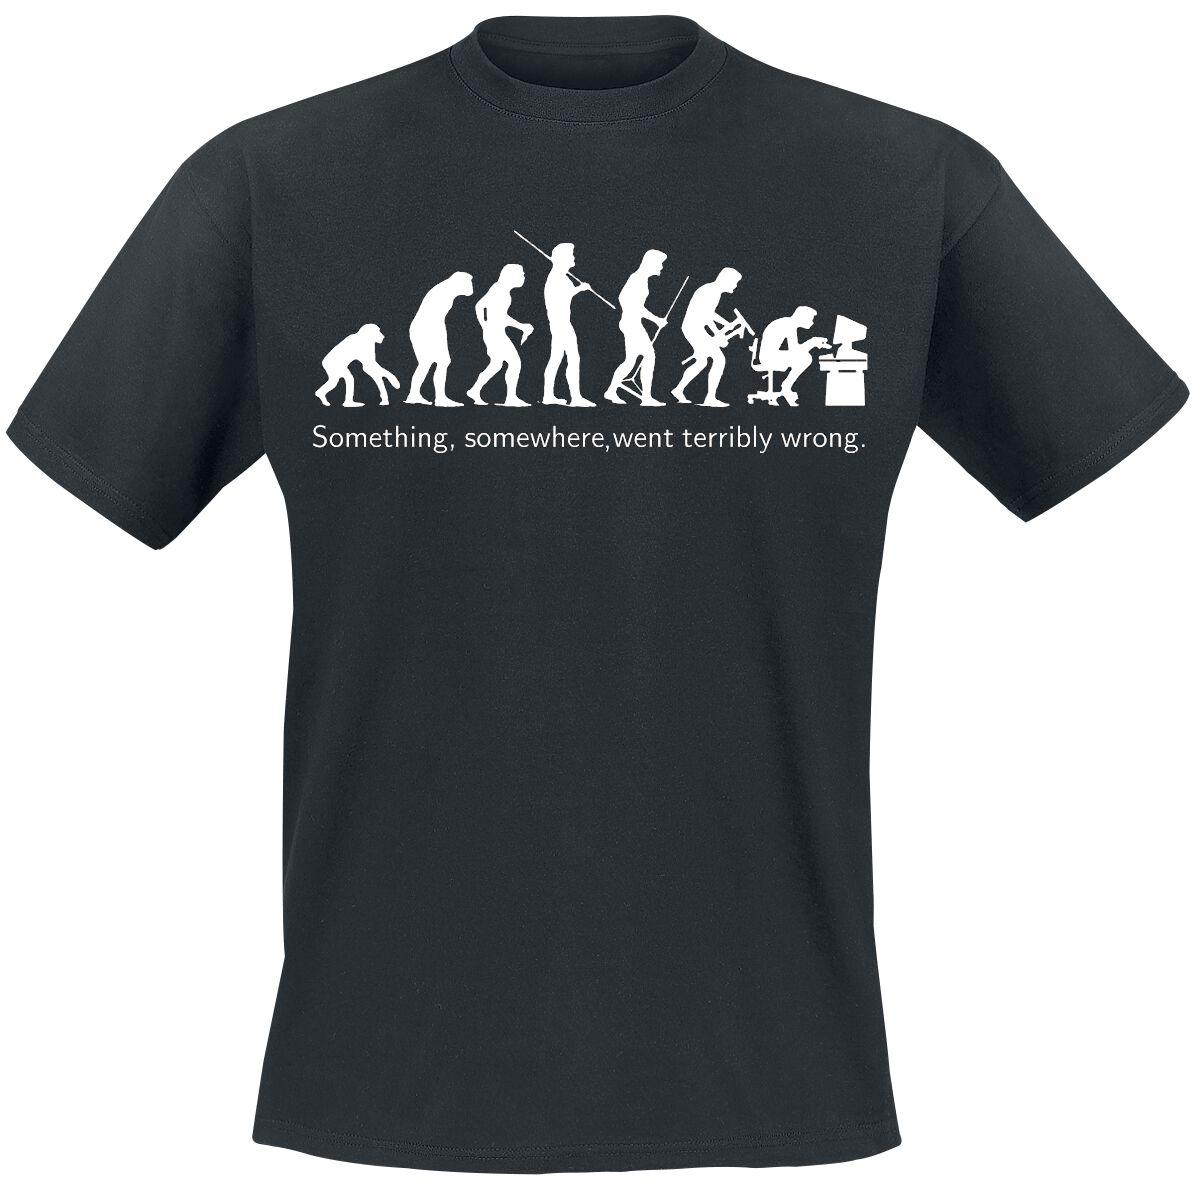 Fun Shirts - Koszulki - T-Shirt Evolution T-Shirt czarny - 141582